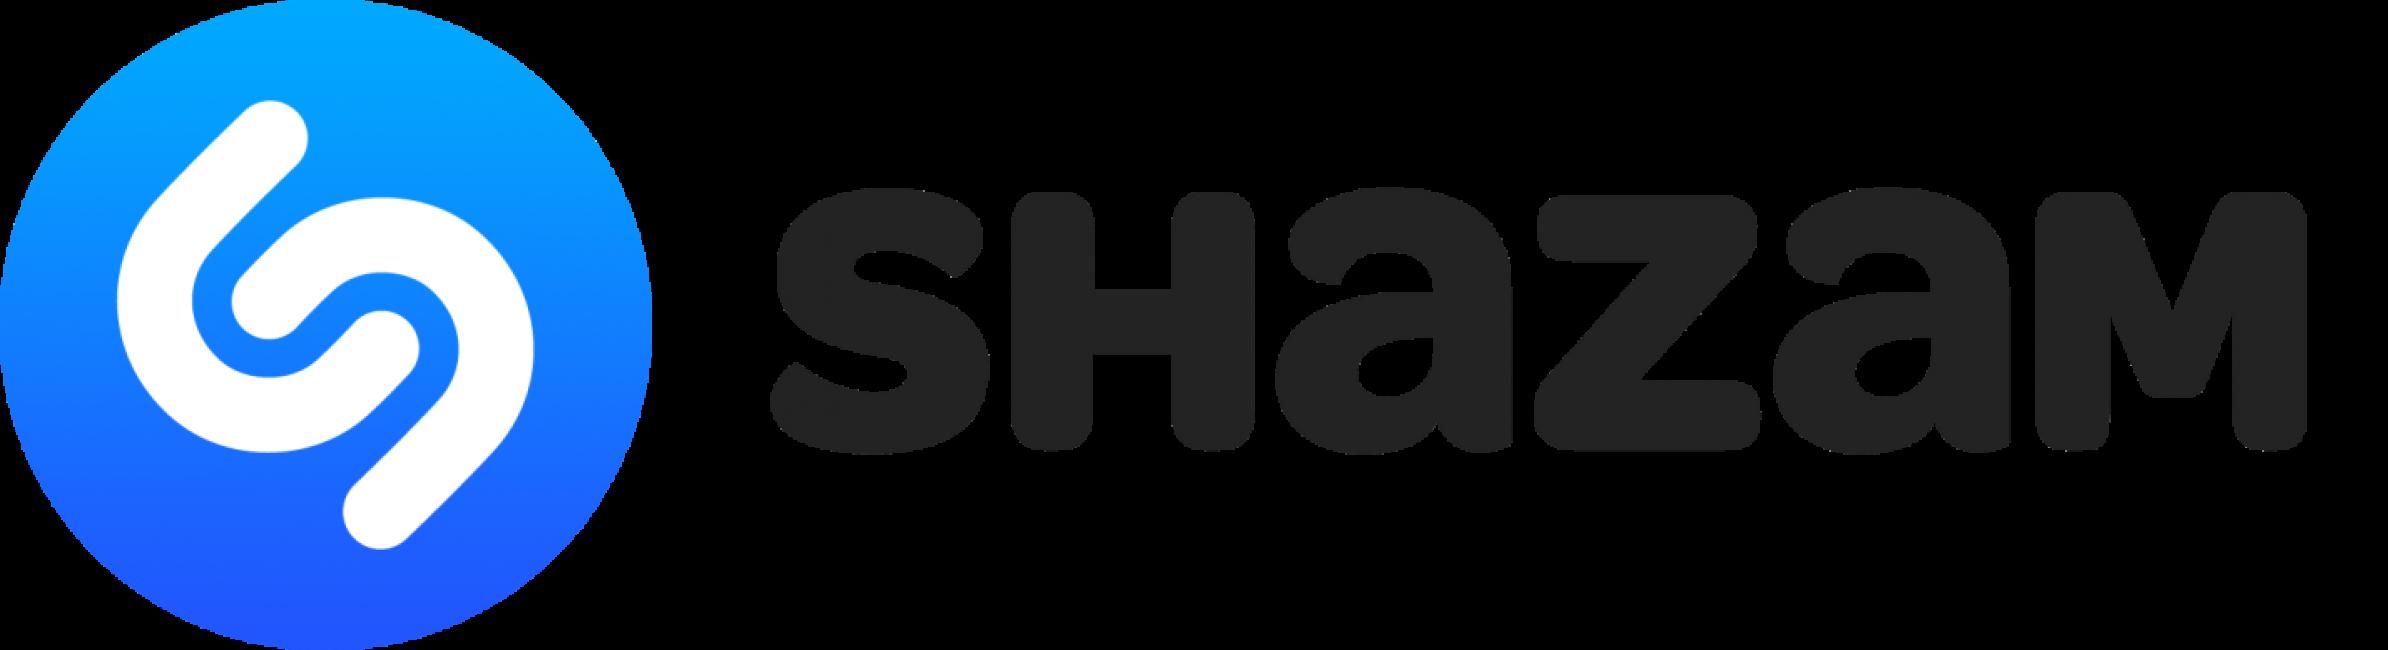 Программа для айфона «shazam»